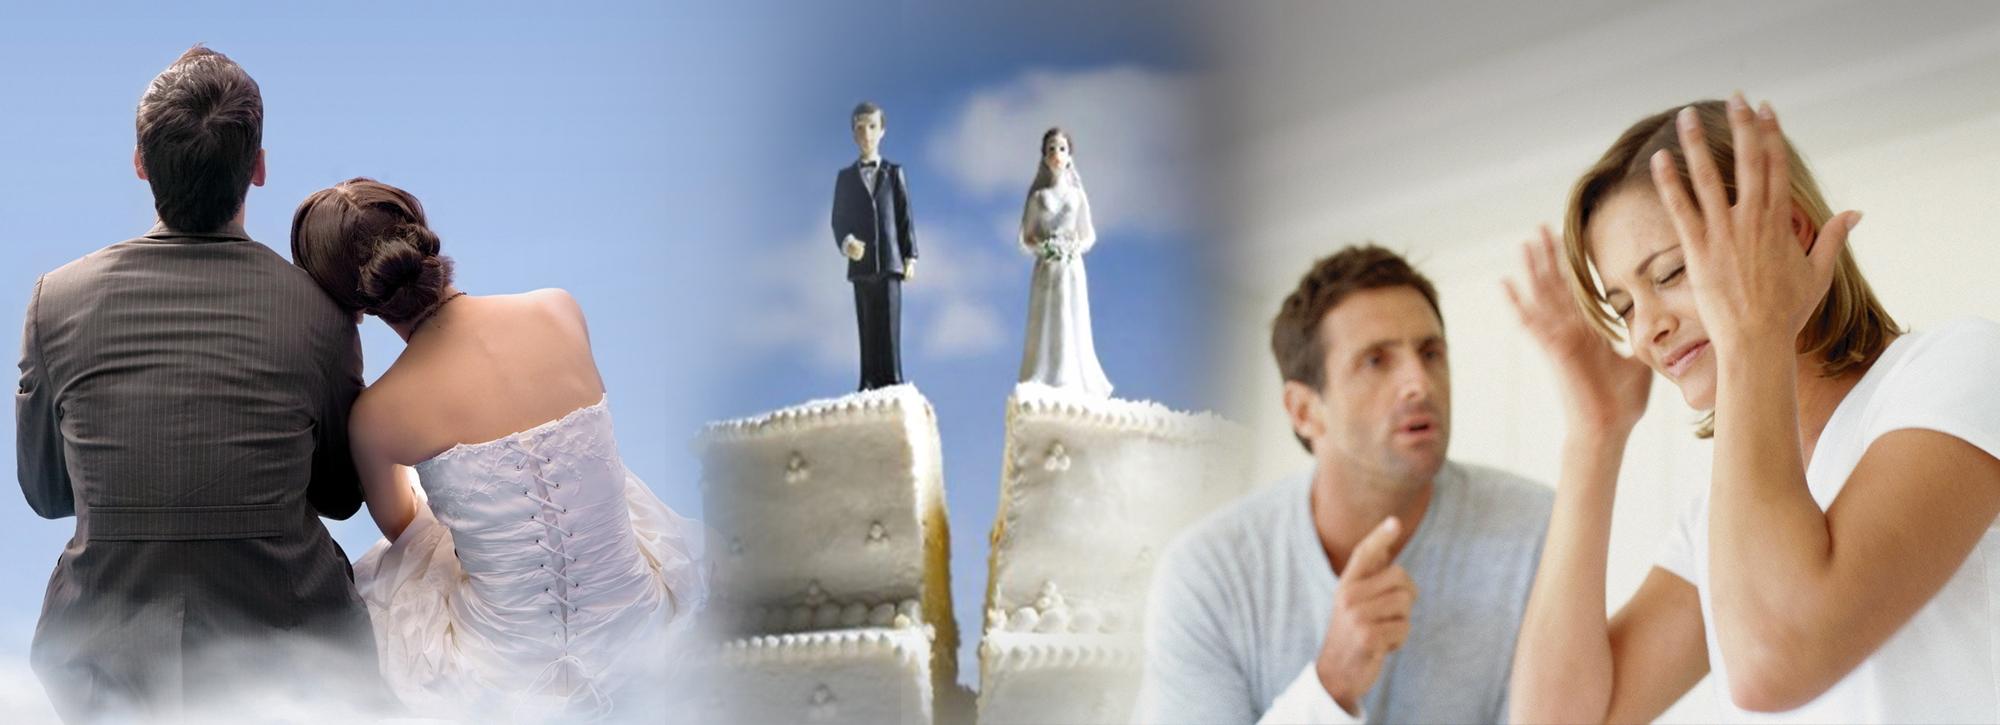 Брак : большие надежды